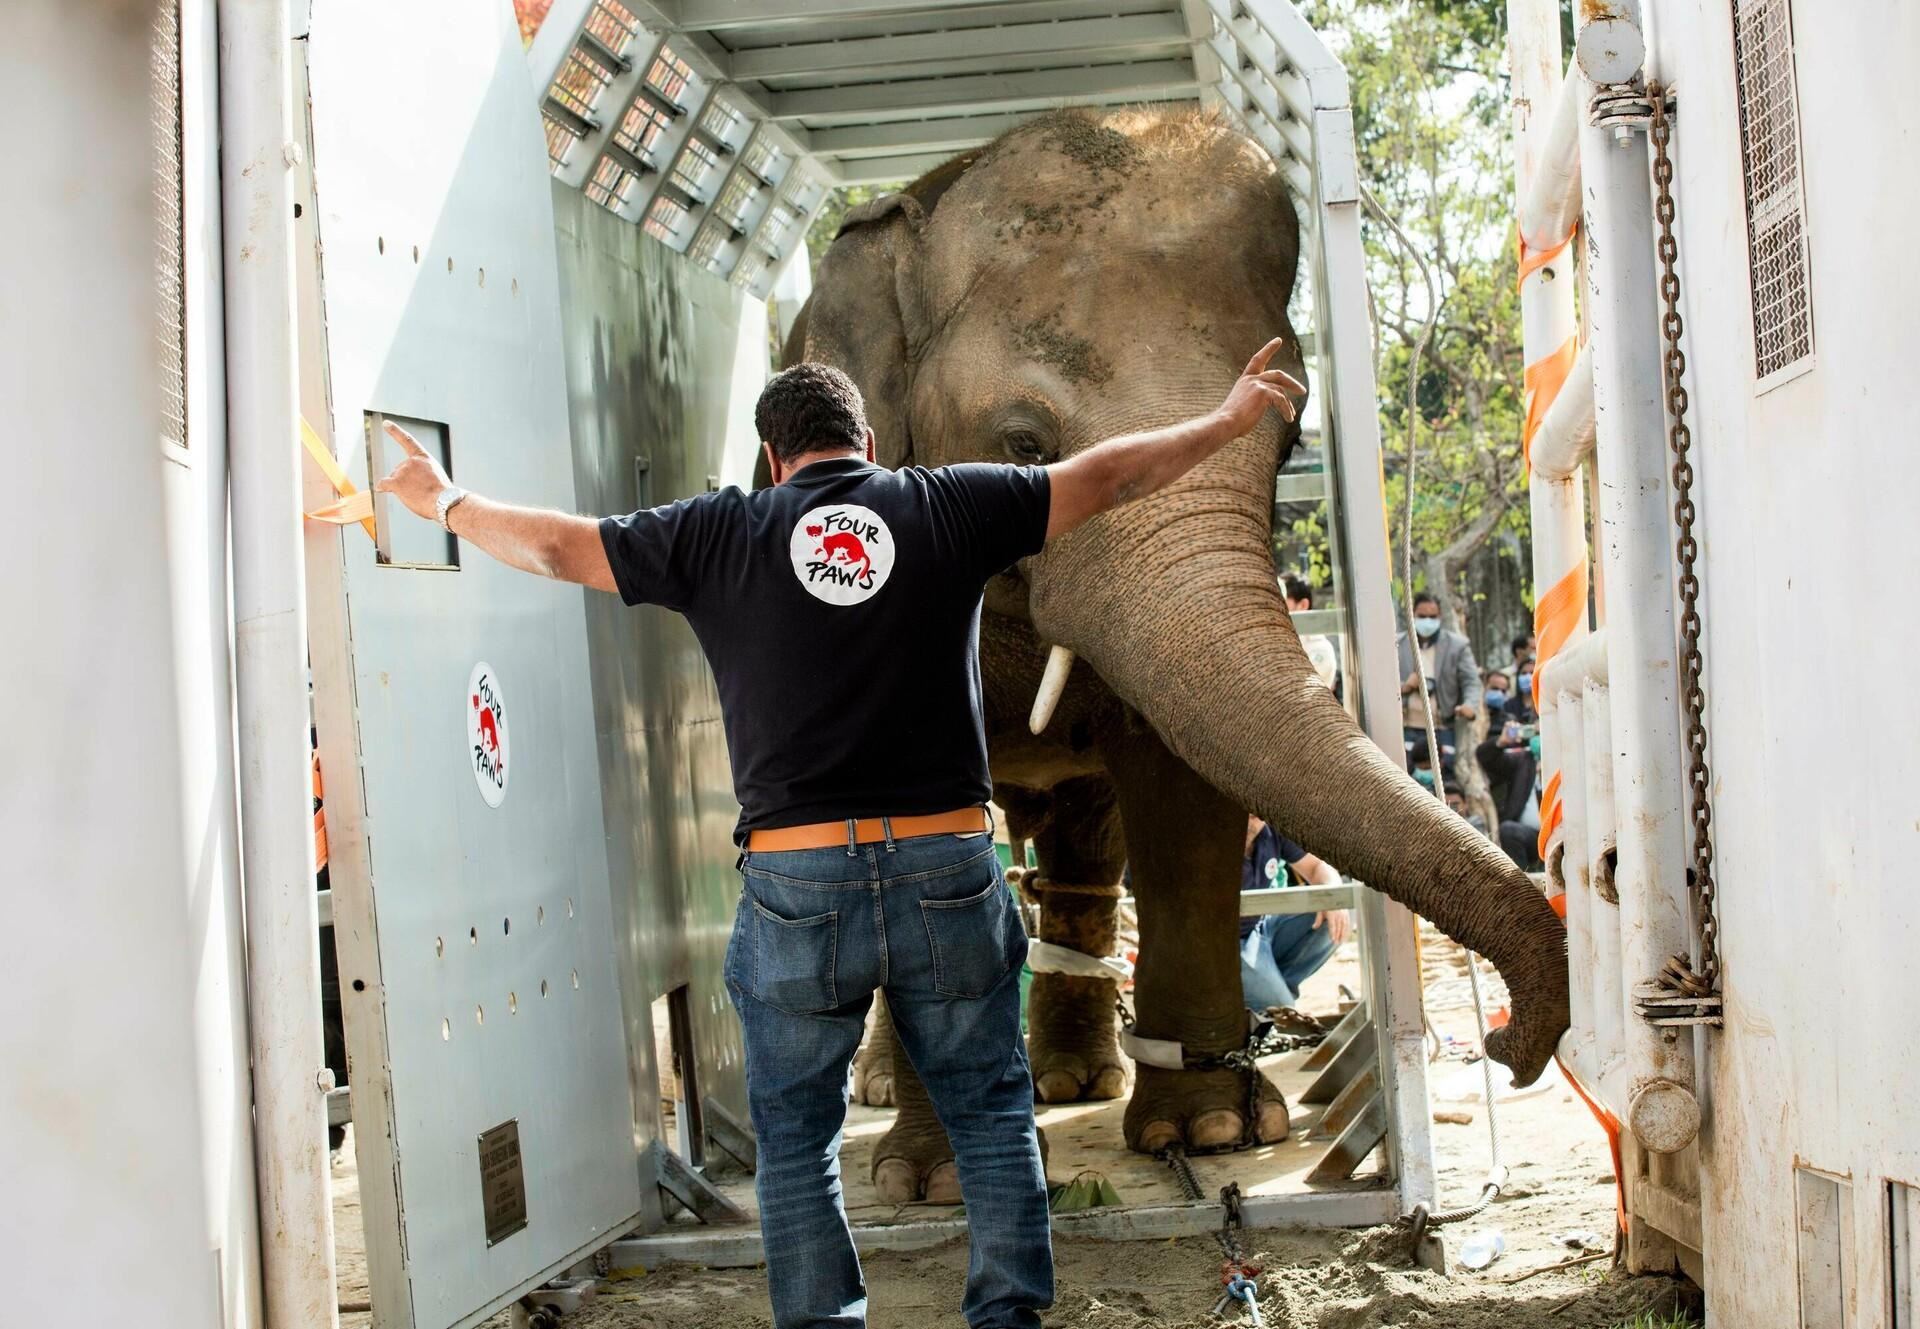 Elefant Kaavan startet seine Reise nach Kambodscha